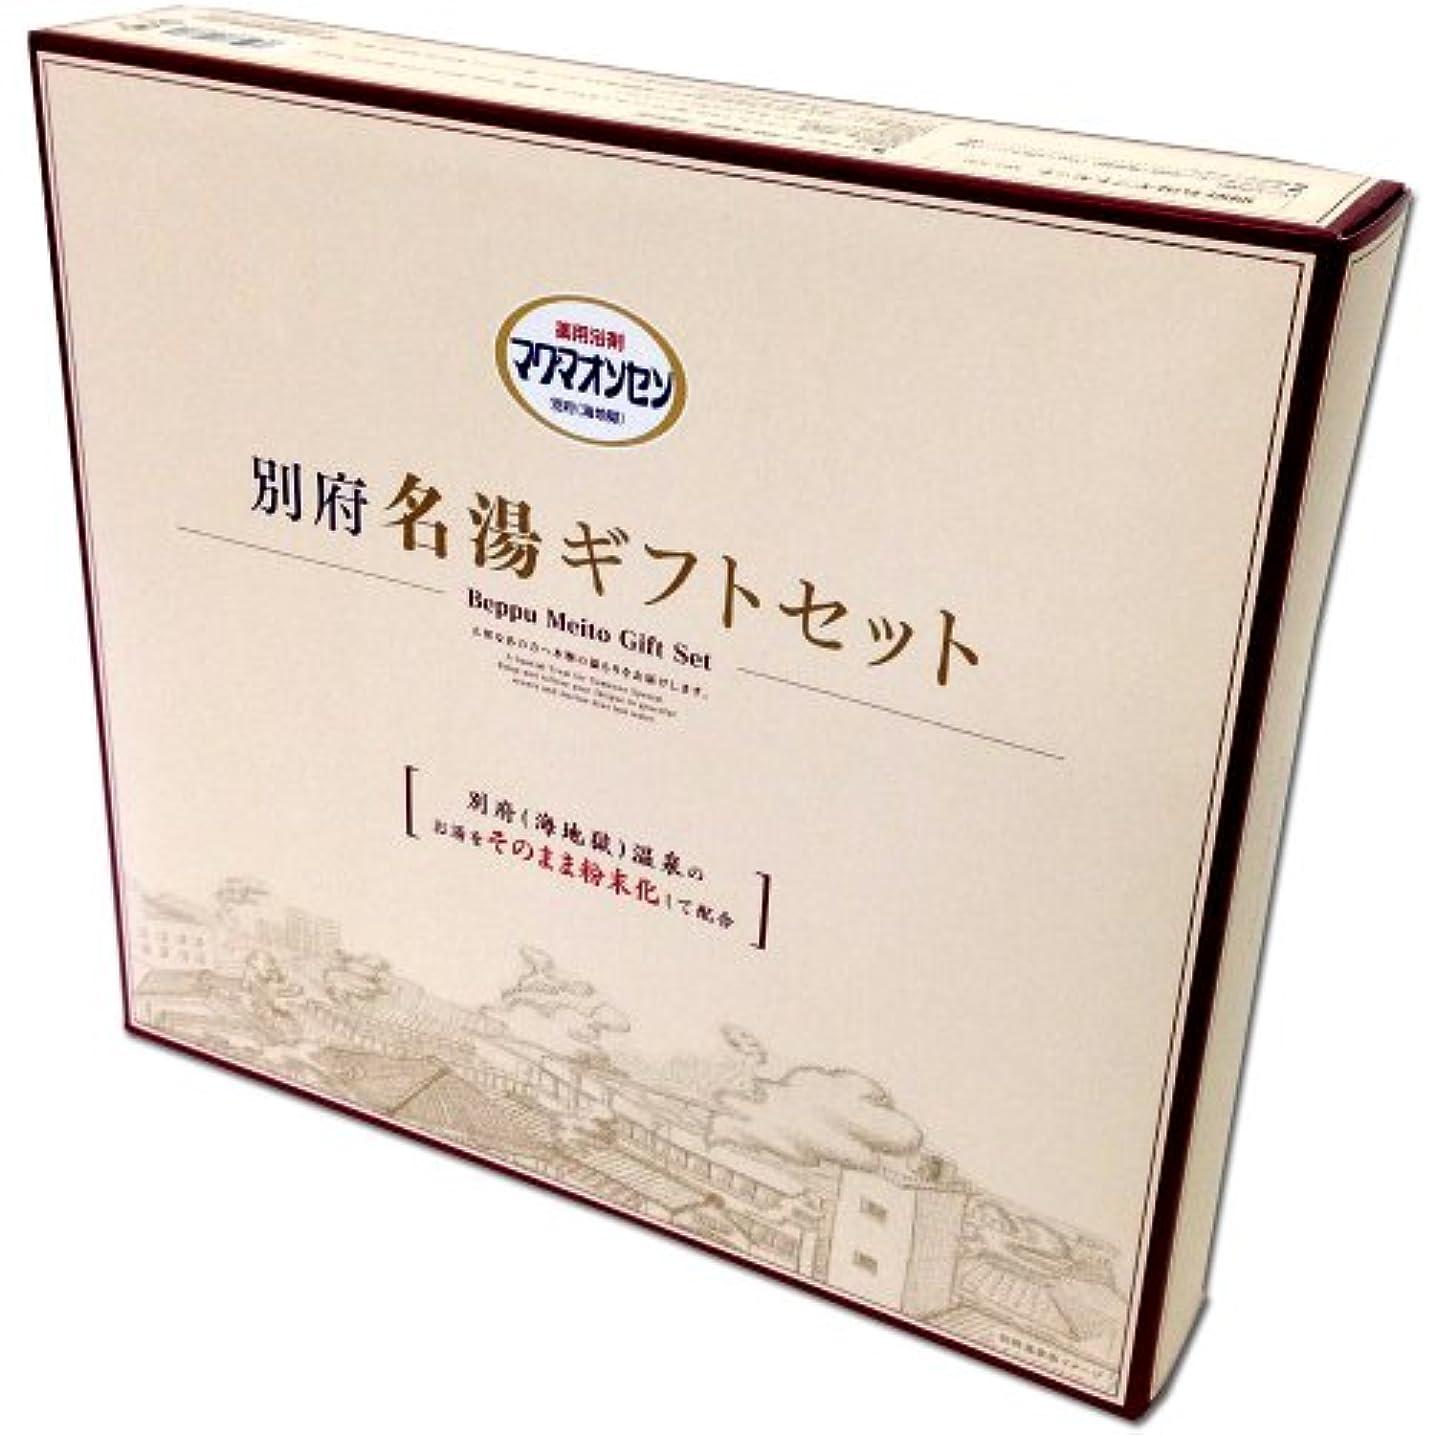 豆腐厳密に南東薬用浴剤 マグマオンセン別府(海地獄)名湯ギフトセット